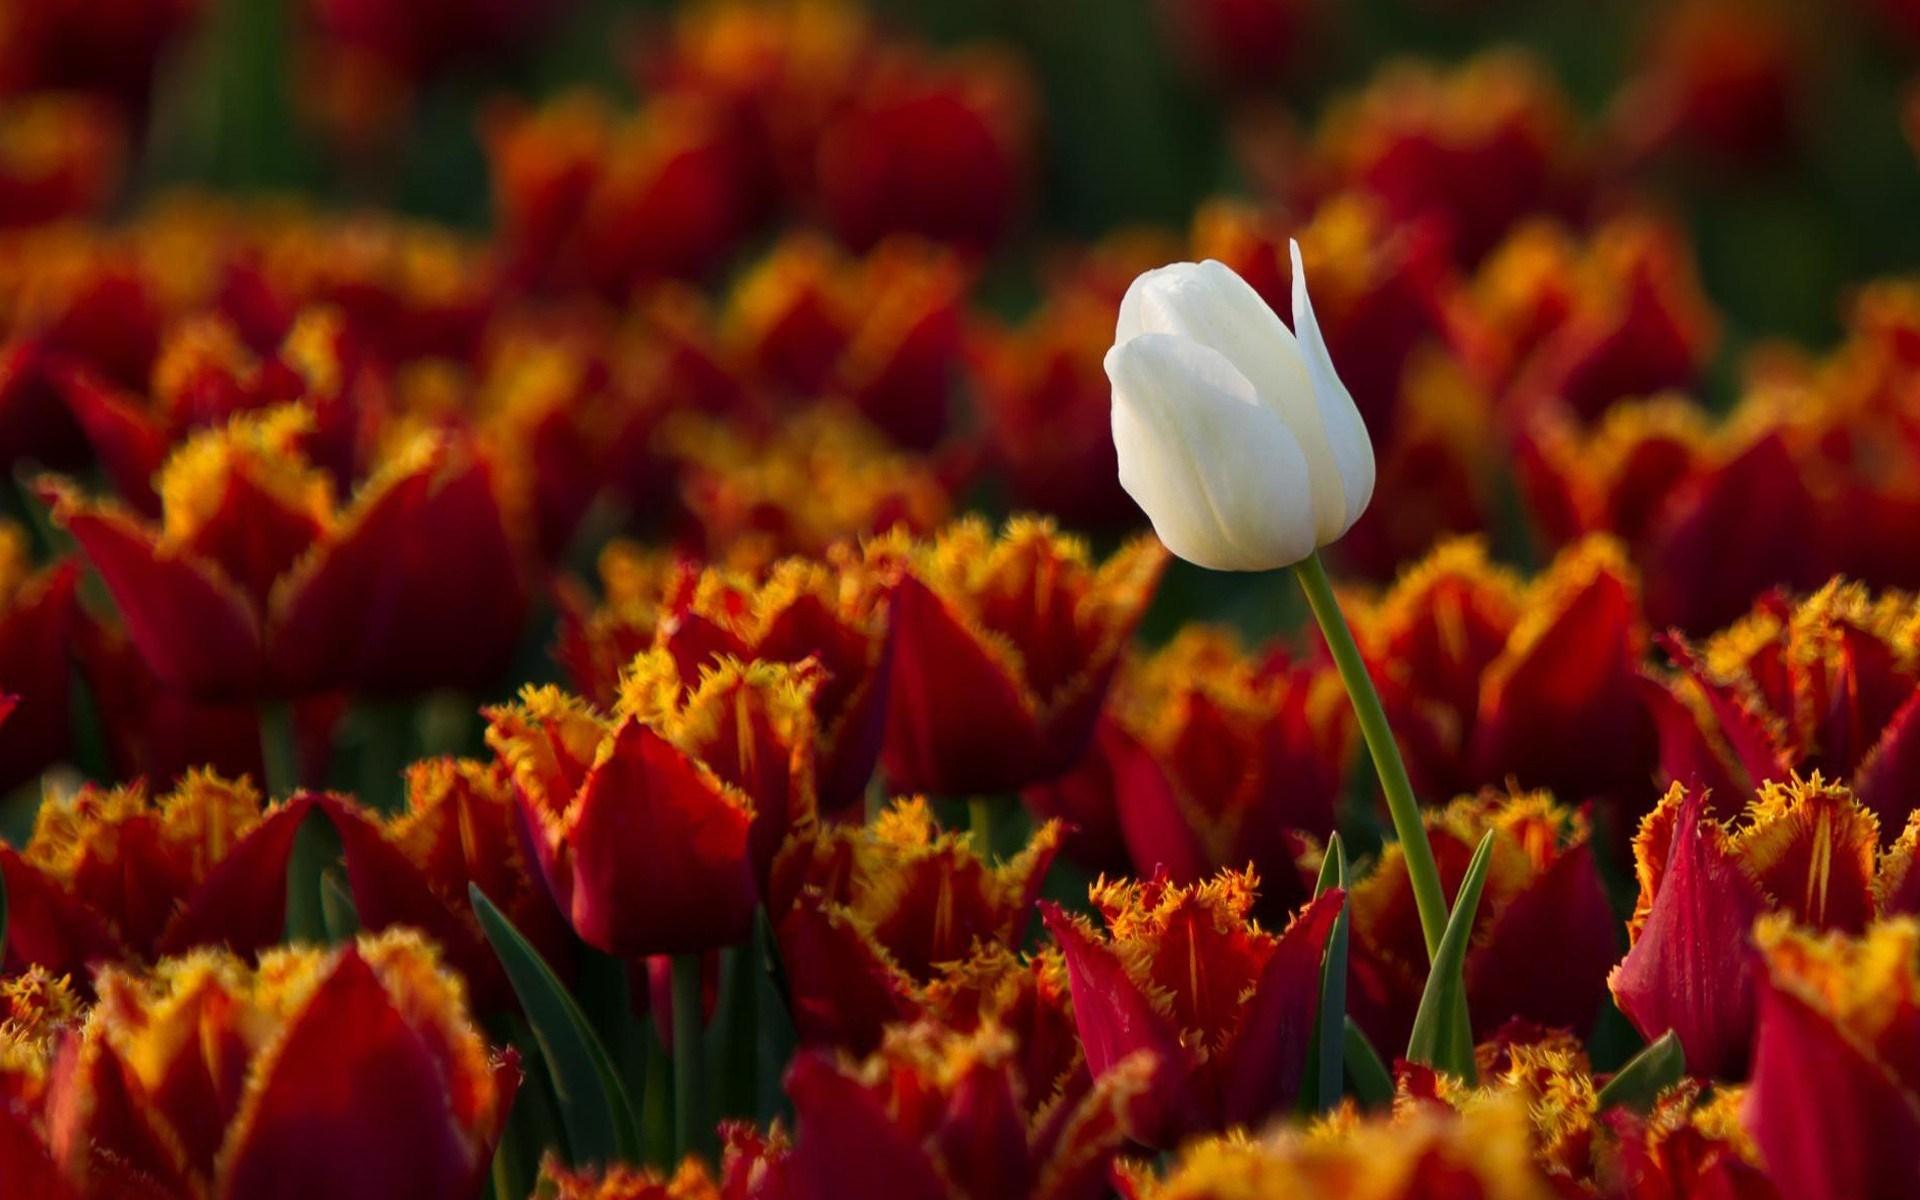 amazing flowers photo